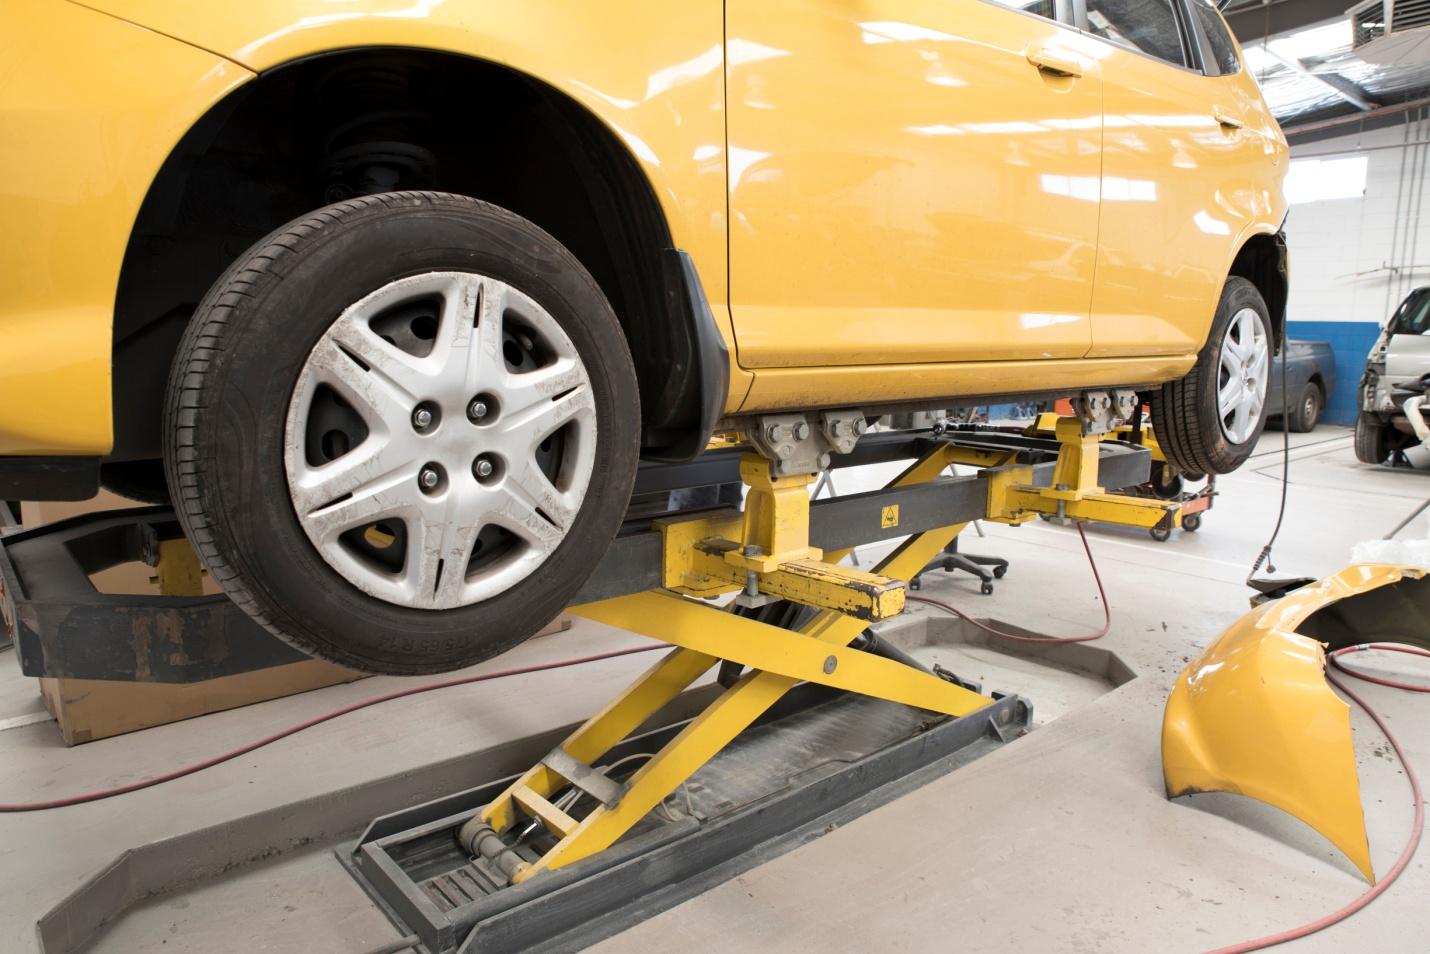 Les opérations liées à la réparation et à la finition des carrosseries sont toujours délicates.